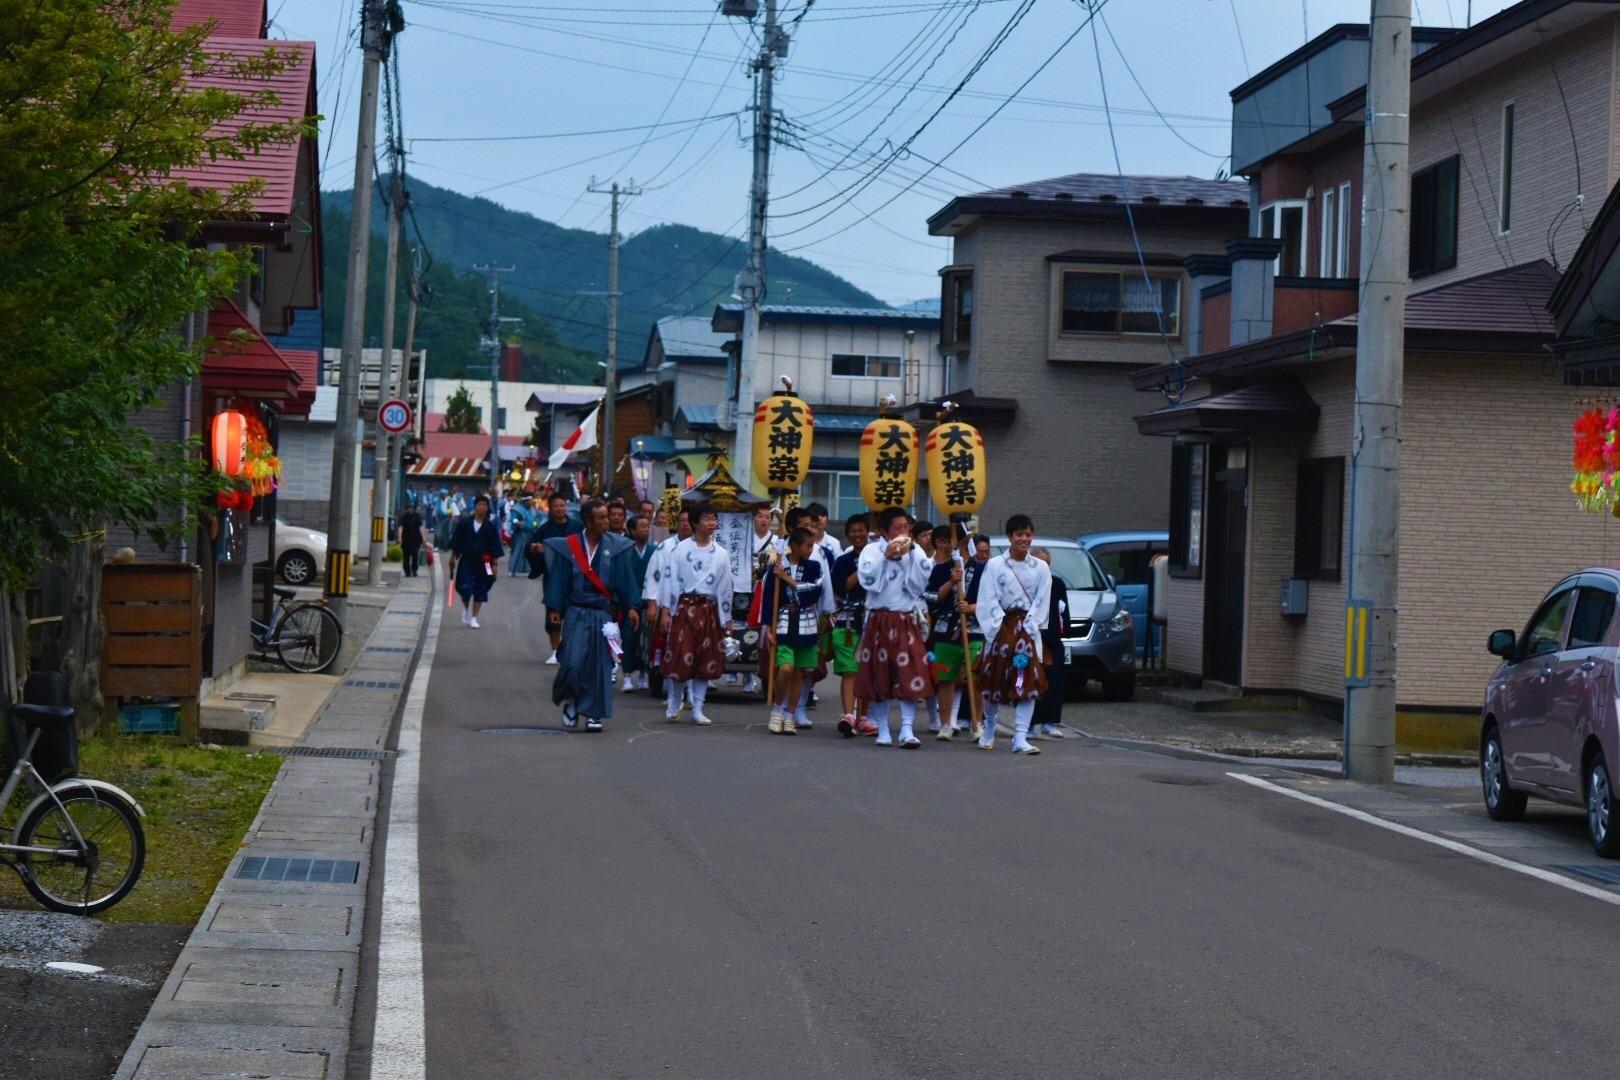 青森県佐井村 下北半島の祭りはまだ終わらない。箭根森八幡宮例大祭。 - イベント